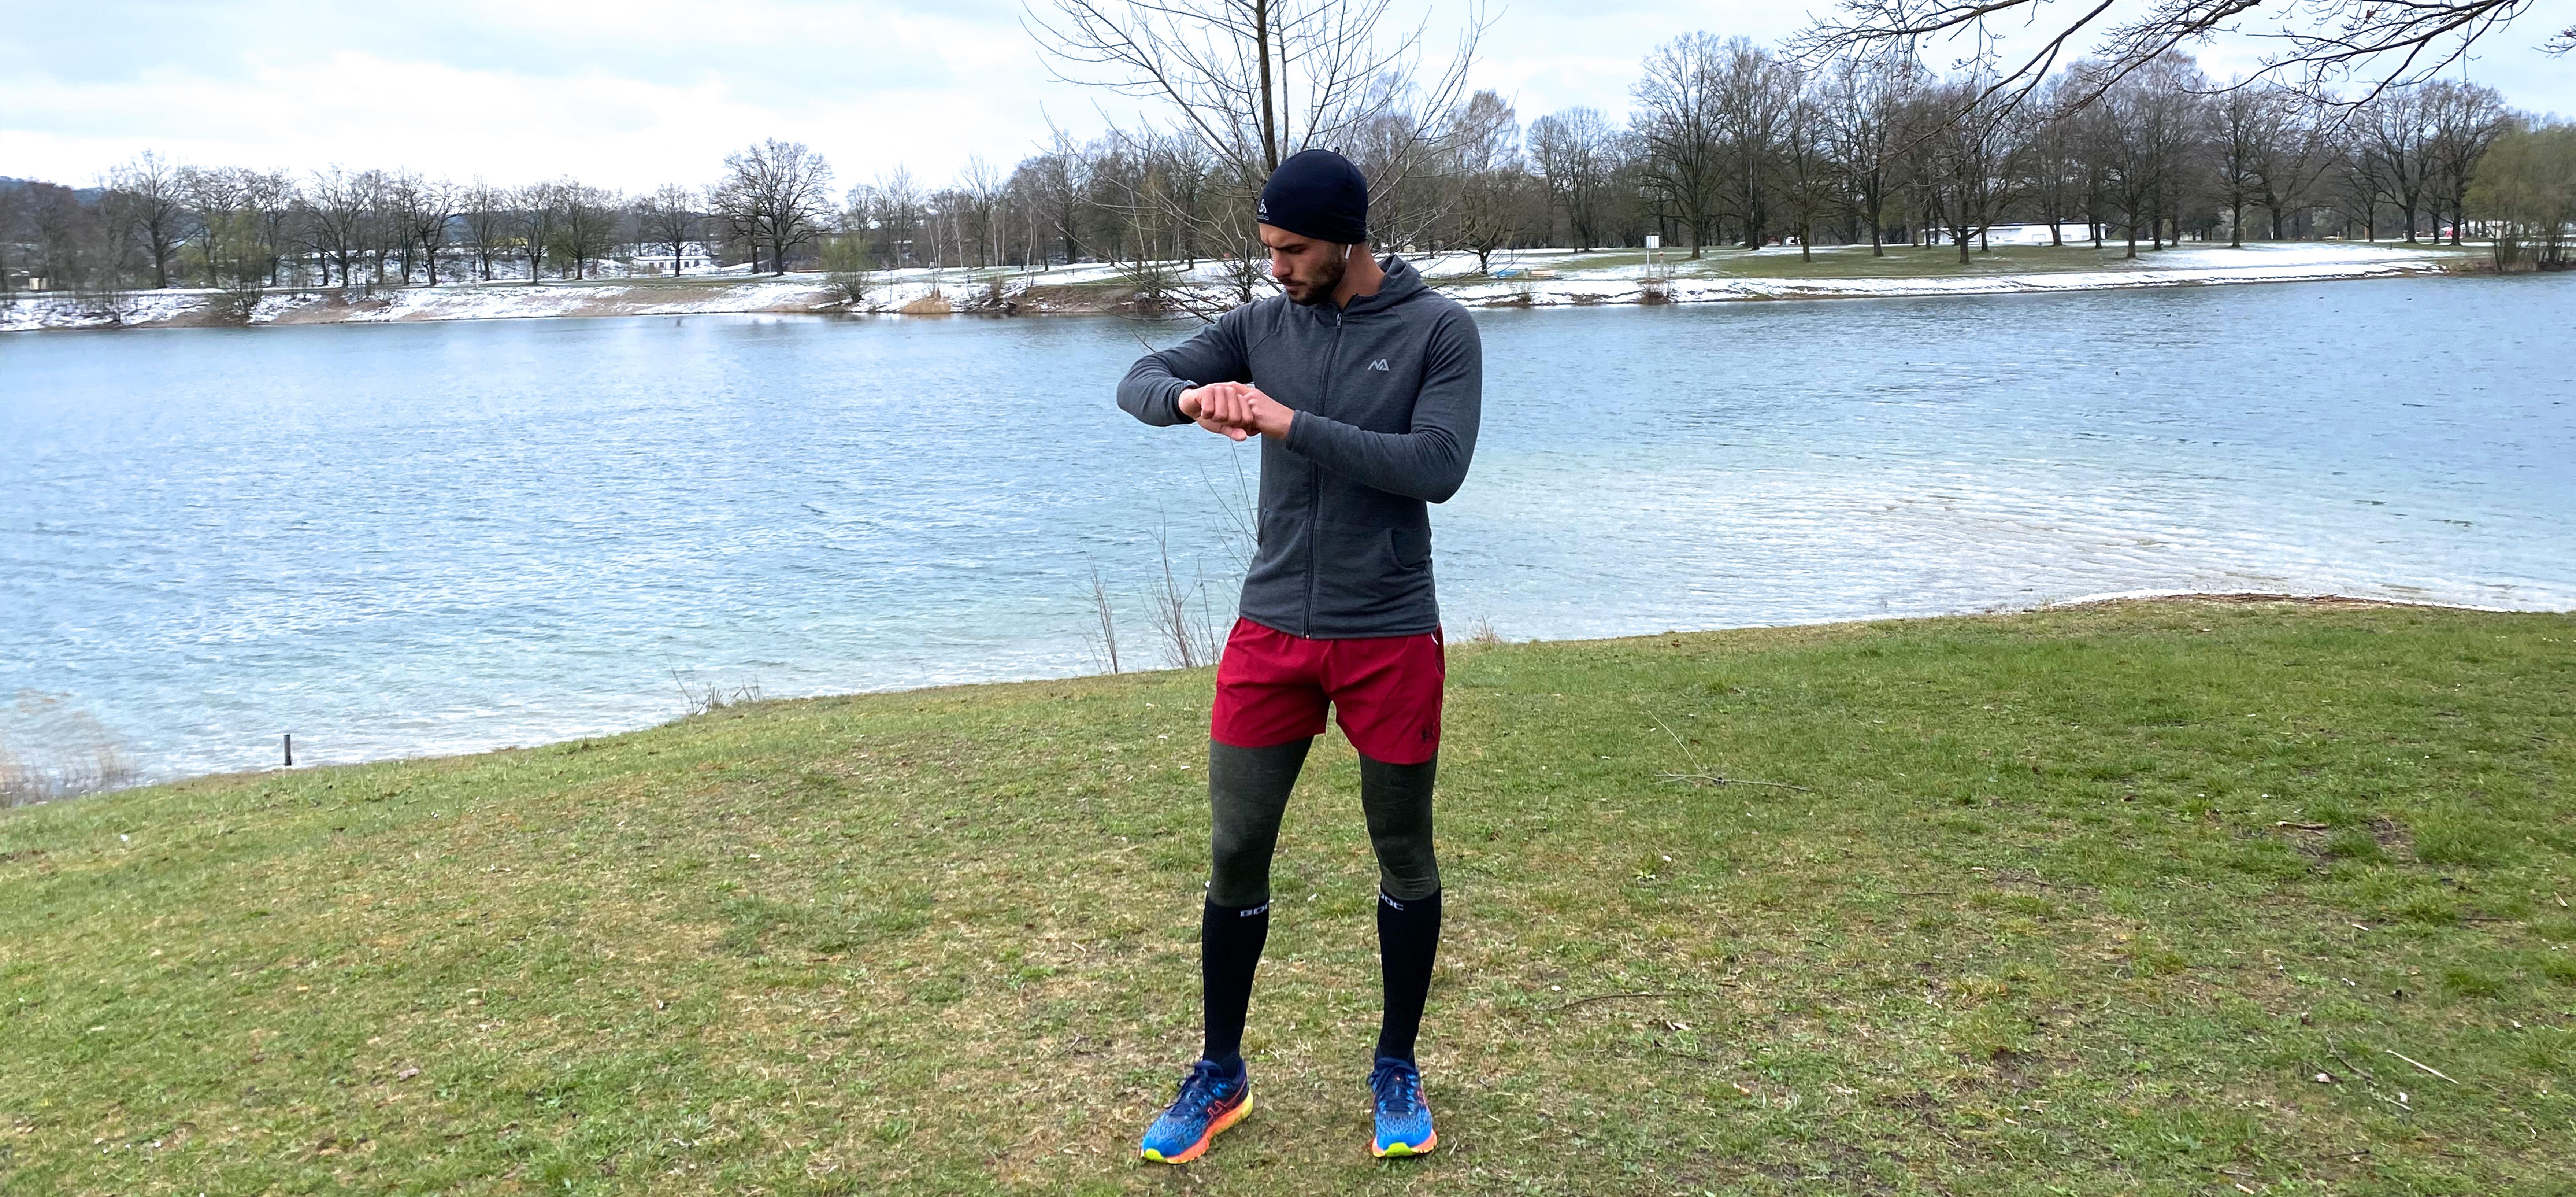 Laufen für Anfänger City Outlet Blog Philipp Rafetseder Laufen